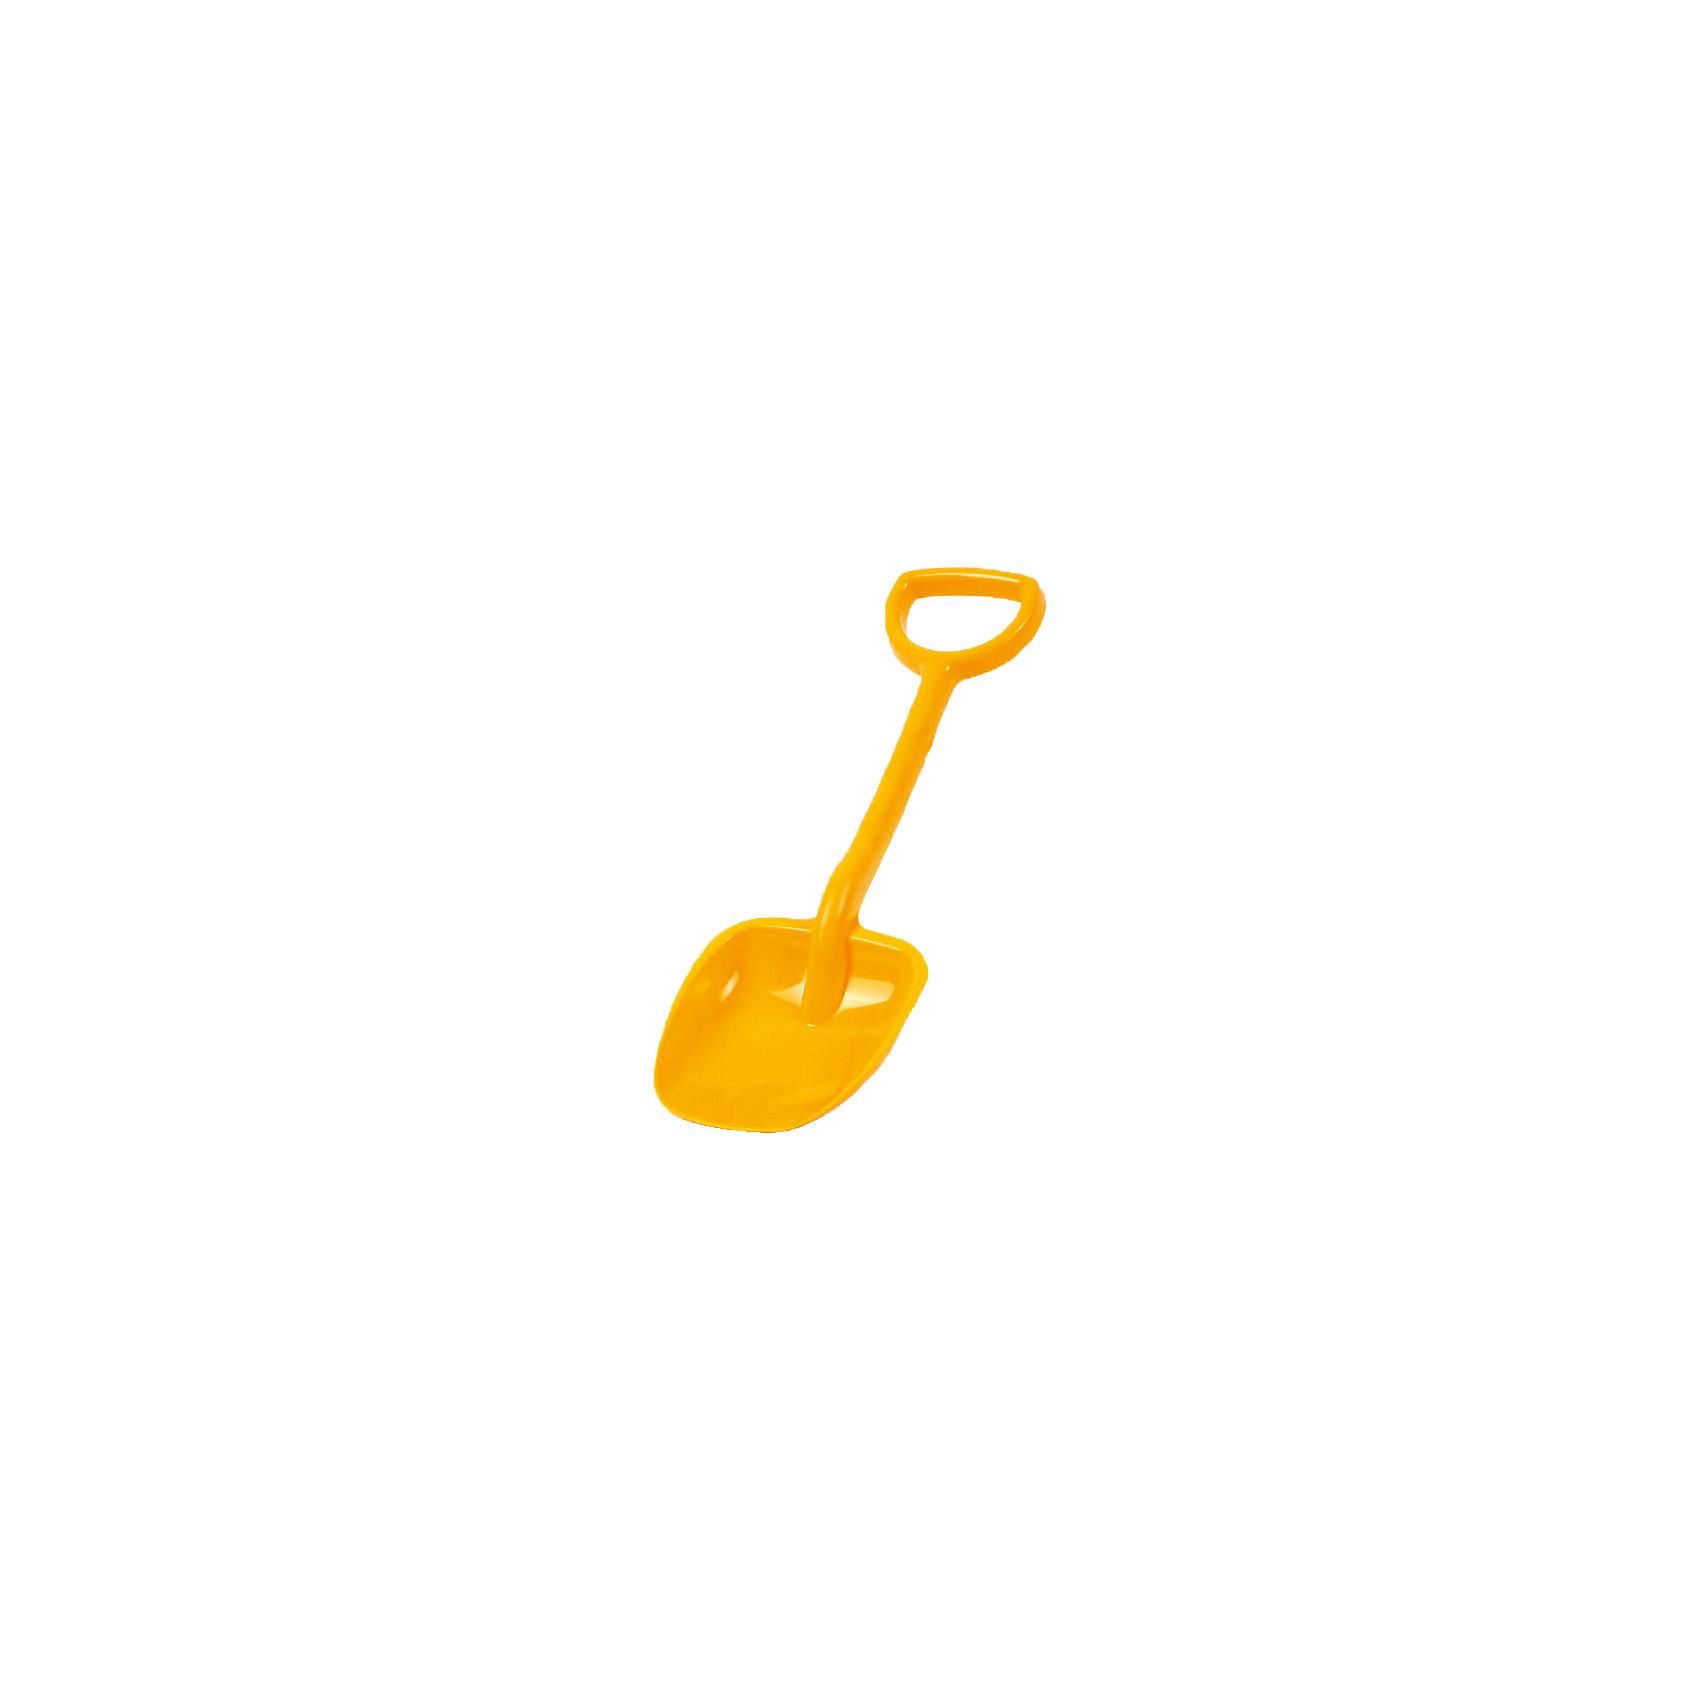 Детская лопата, желтая, 48 см.Хоккей и зимний инвентарь<br>Малыши обожают копать снег и строить снежные крепости. Яркая лопата обязательно понравится ребенку и станет обязательным участником зимних детских забав. Лопата выполнена из прочного морозостойкого пластика, легкая, не имеет острых углов. <br><br>Дополнительная информация:<br><br>- Материал: пластик.<br>- Размер: 48 см. <br><br>Детскую лопату, желтую, 48 см, можно купить в нашем магазине.<br><br>Ширина мм: 480<br>Глубина мм: 70<br>Высота мм: 250<br>Вес г: 200<br>Возраст от месяцев: 12<br>Возраст до месяцев: 120<br>Пол: Унисекс<br>Возраст: Детский<br>SKU: 4244429